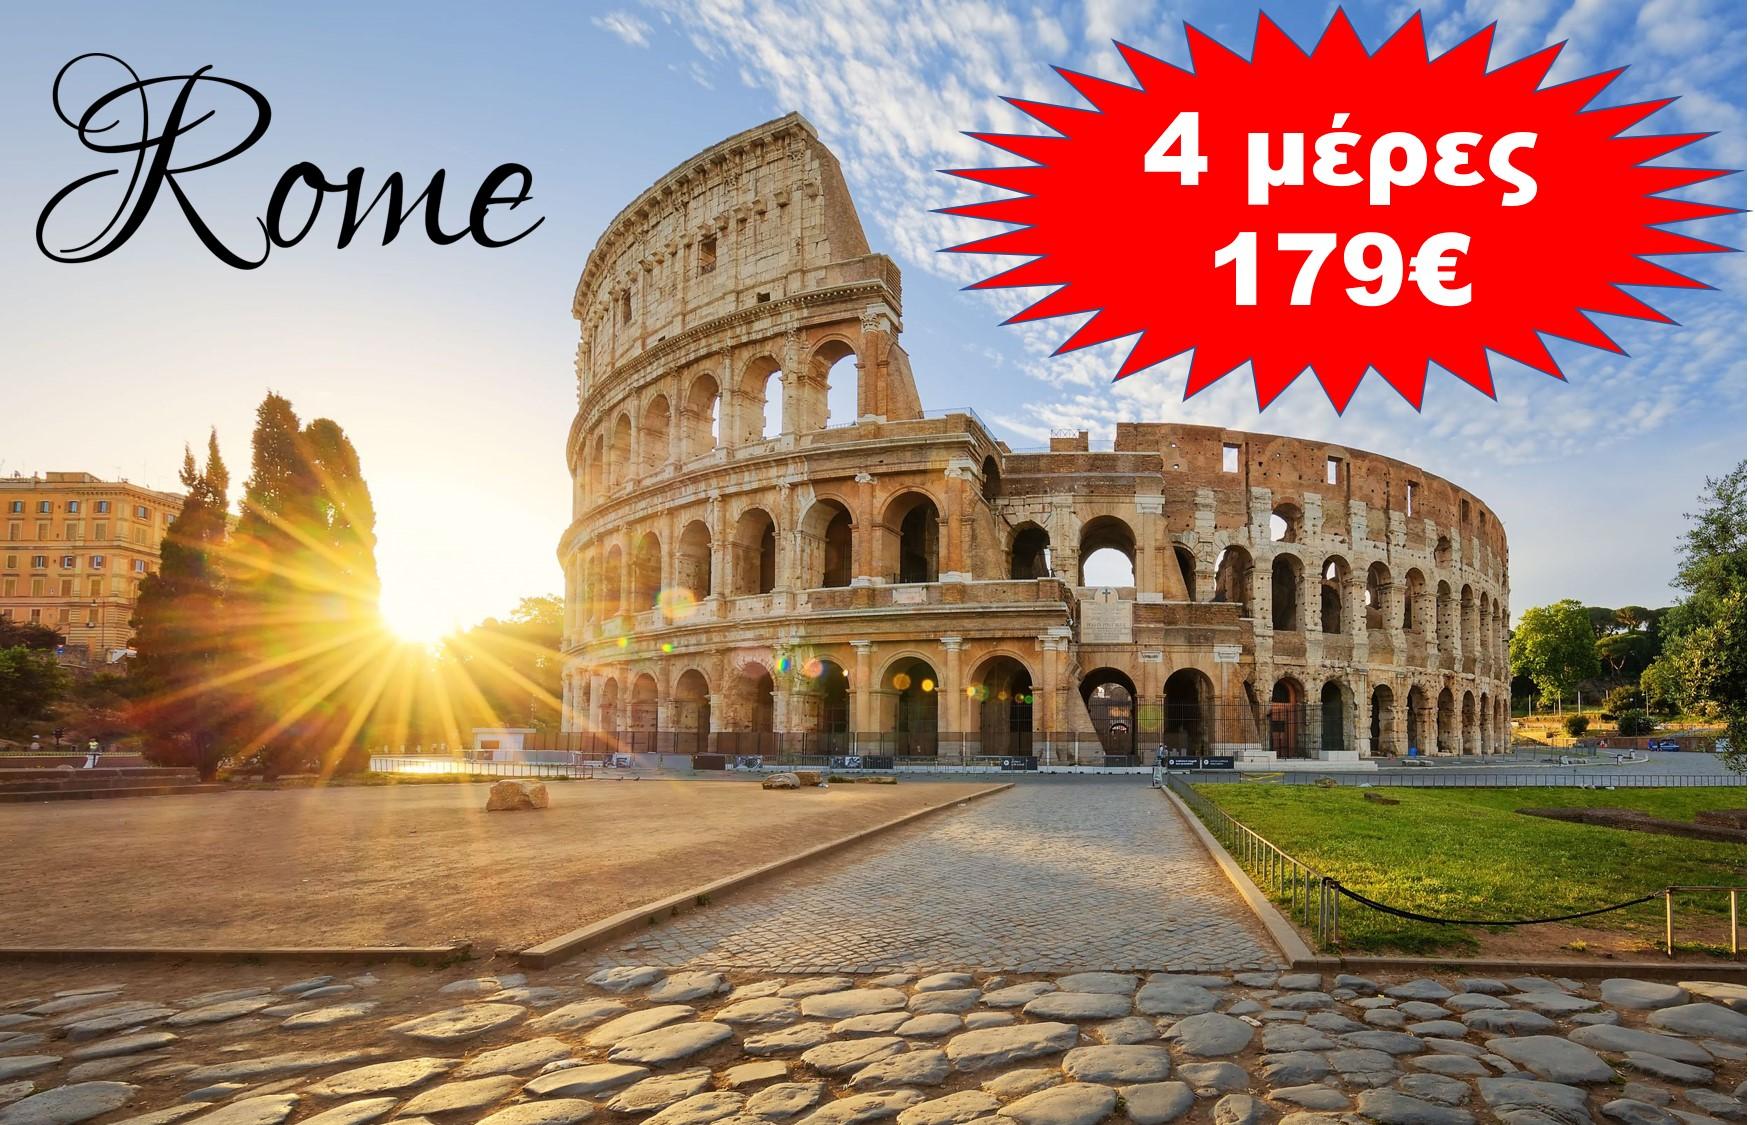 ΜΟΝΟ 179€ για 4 μέρες στη Ρώμη με Αεροπορικά, Κεντρικό Ξενοδοχείο & Φόρους πληρωμένους! Το πακέτο είναι εξασφαλισμένο με την αναγραφόμενη τιμή στις ημερομηνίες που επιθυμείτε! εικόνα